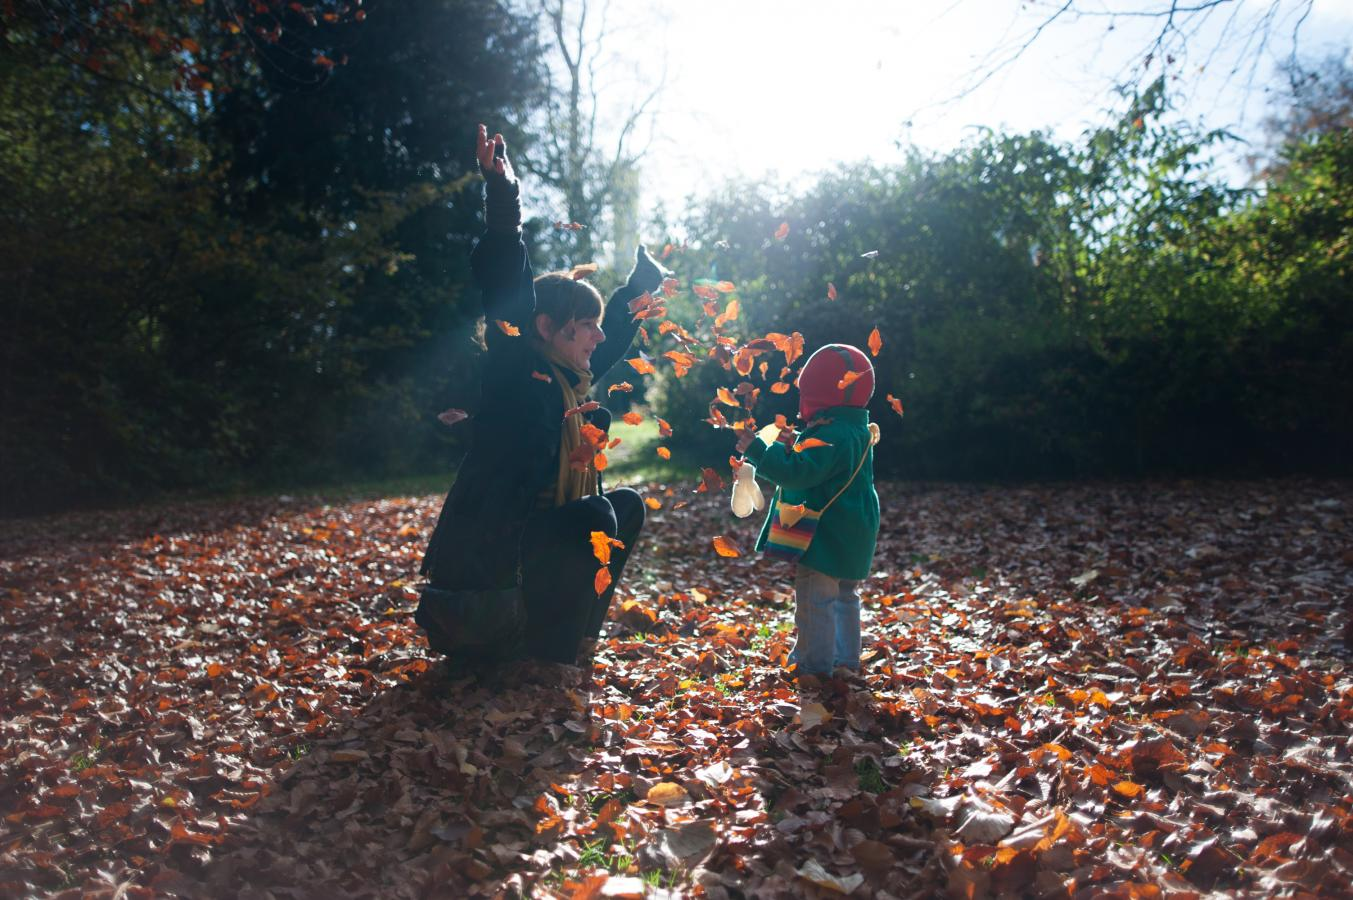 sunny-autumn-days-haasdonk-2012